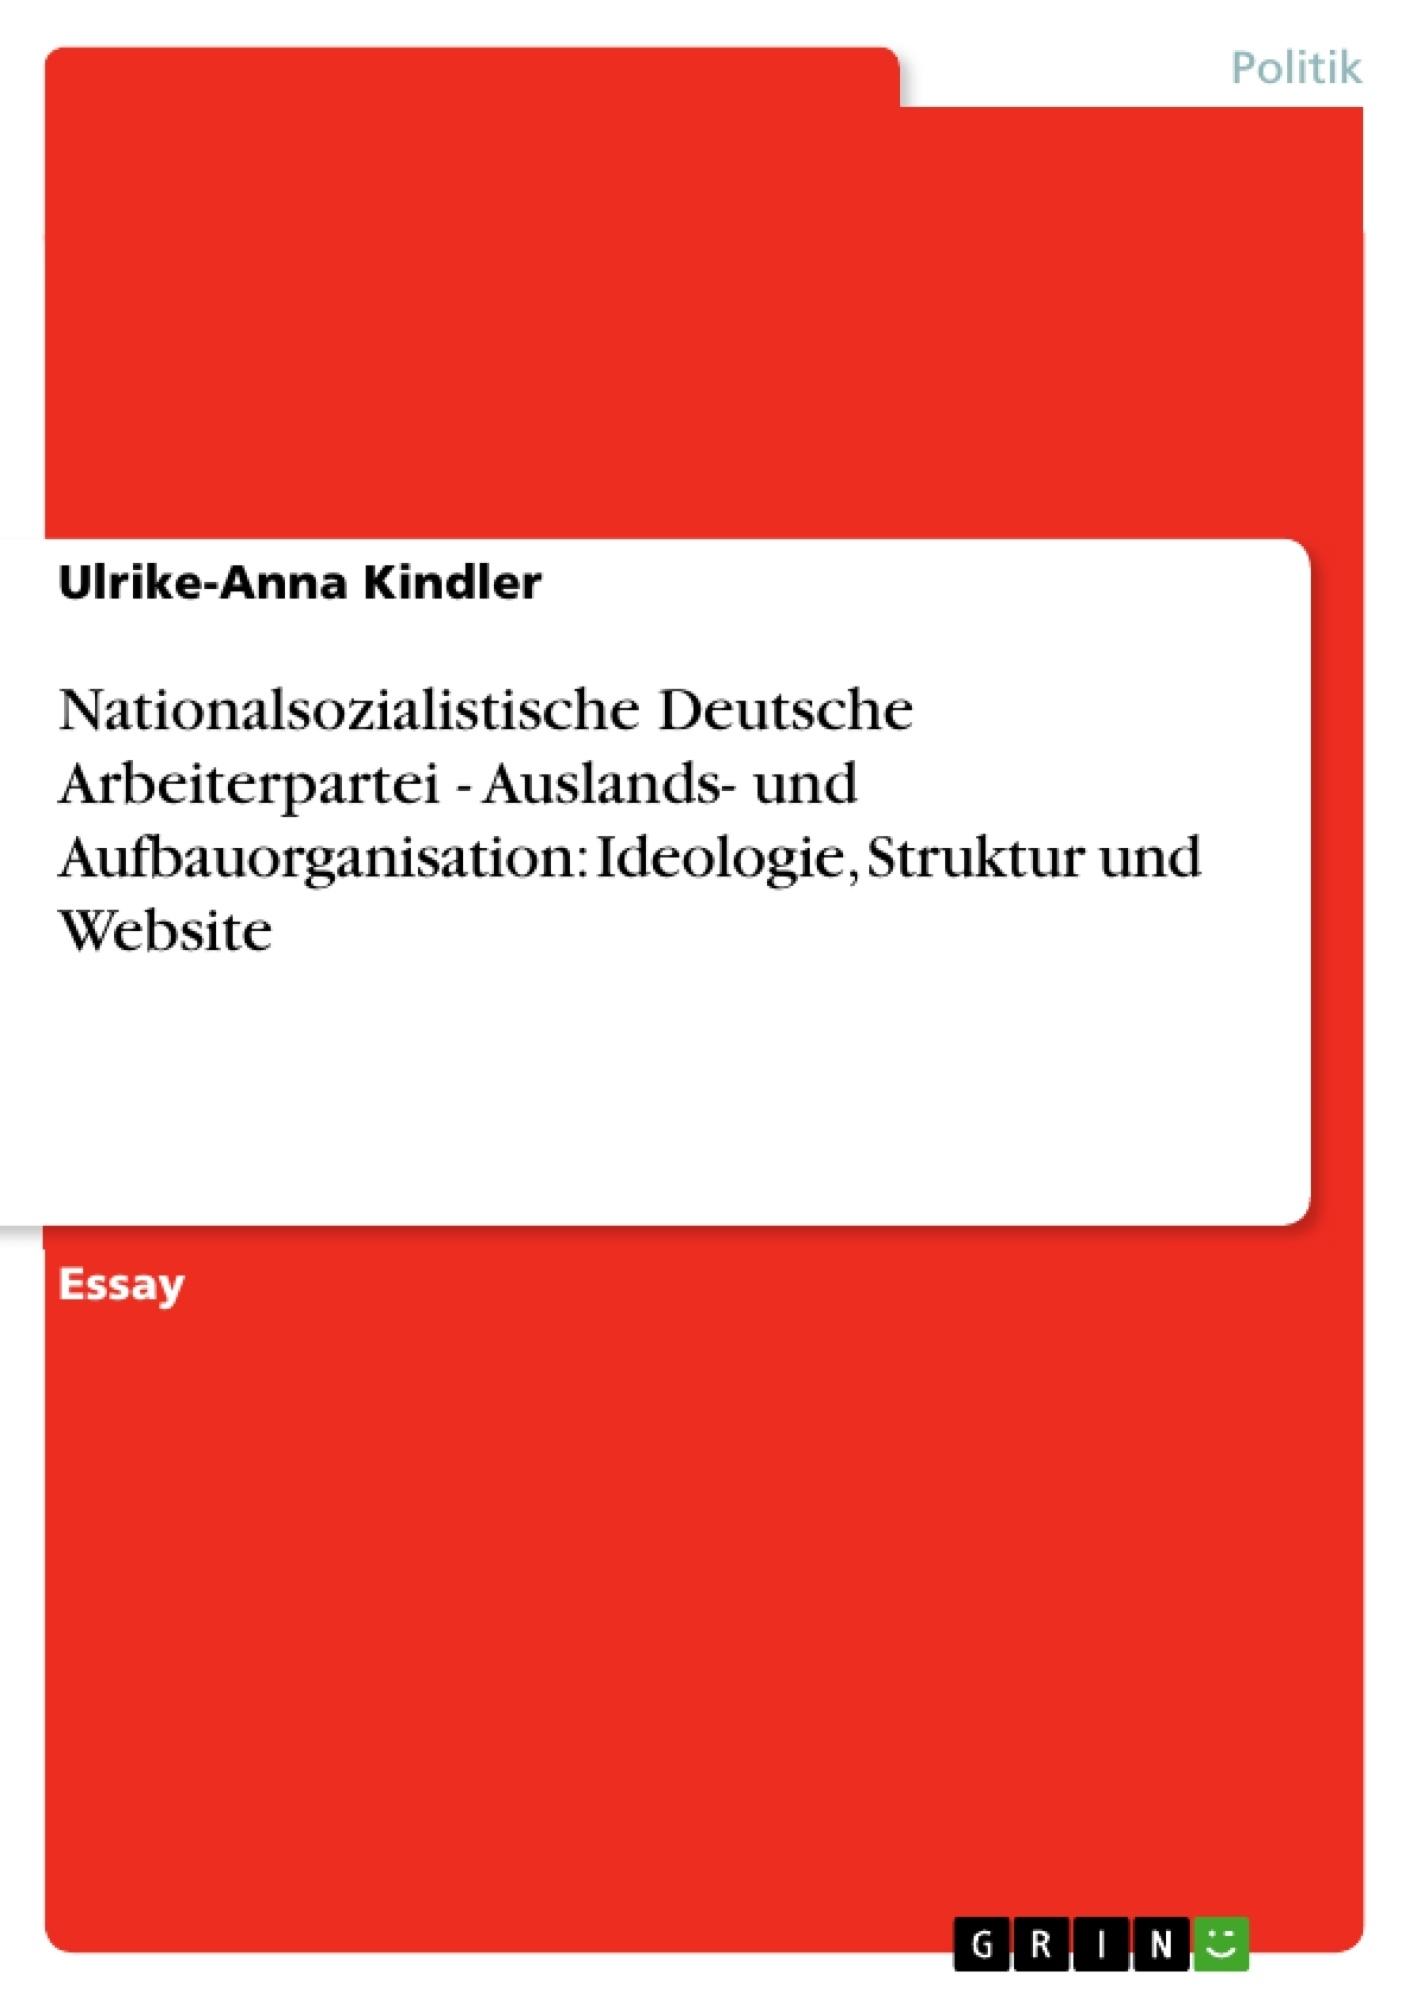 Titel: Nationalsozialistische Deutsche Arbeiterpartei - Auslands- und Aufbauorganisation: Ideologie, Struktur und Website